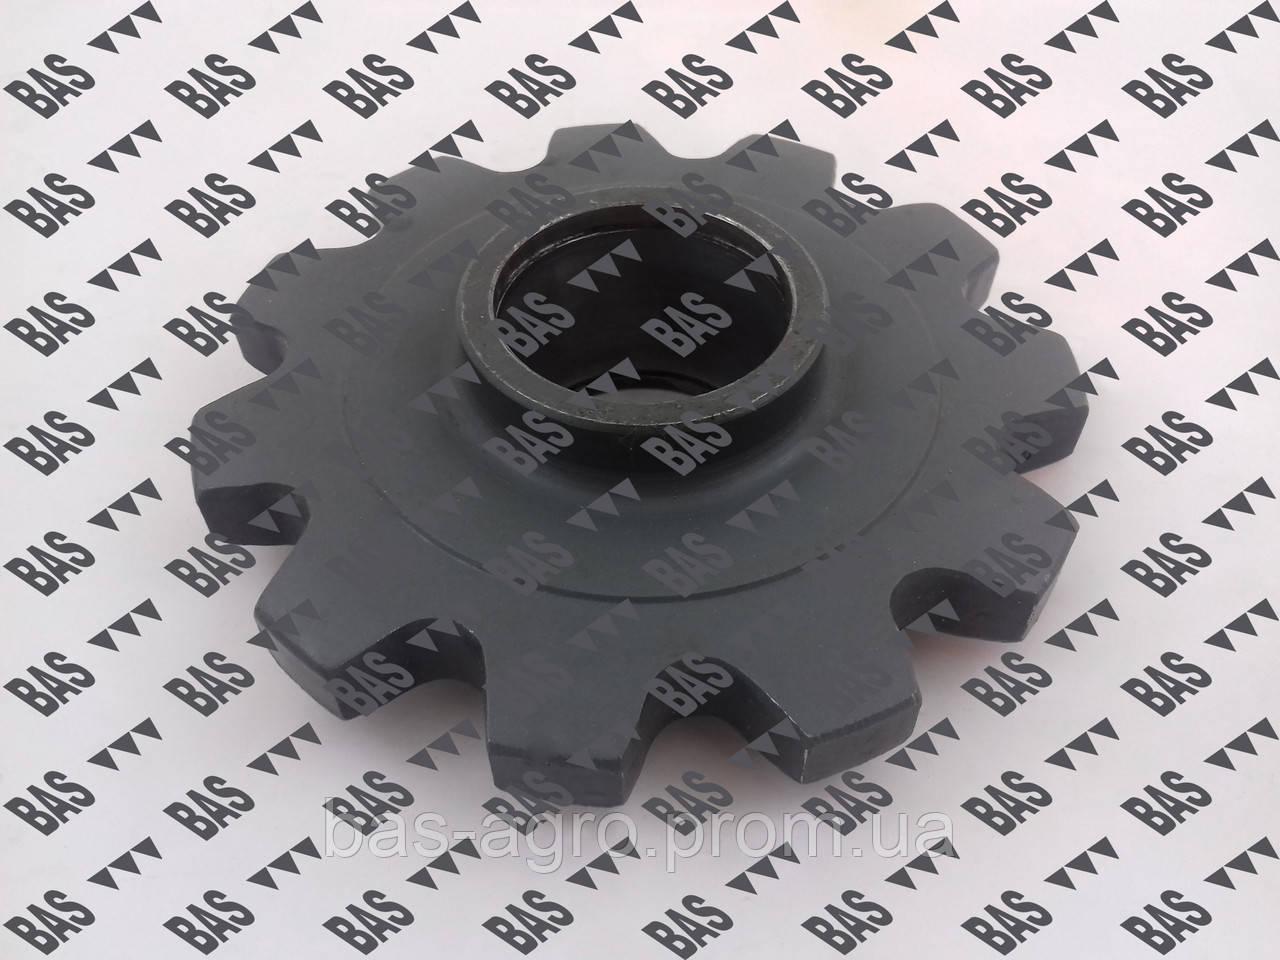 Звездочка натяжная Z-11 Fantini 03460 аналог